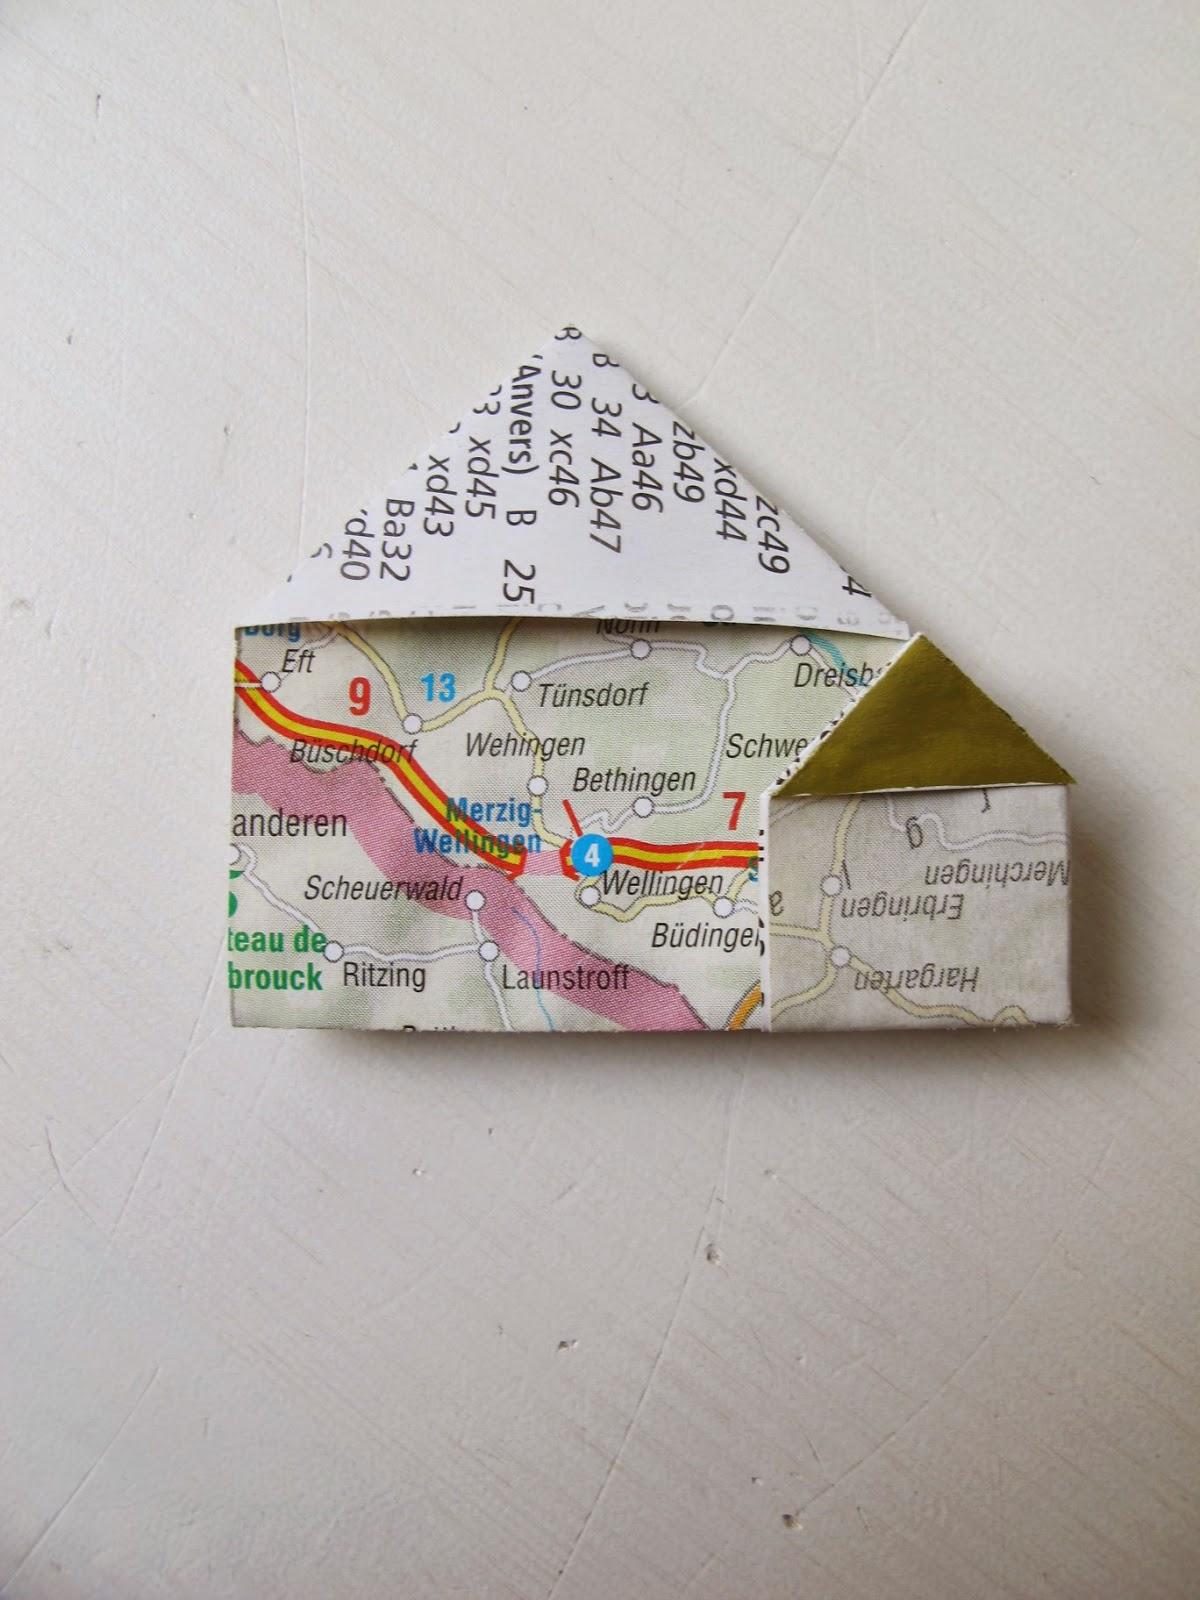 Werkeltagebuch Upcycling-Dienstag Origami